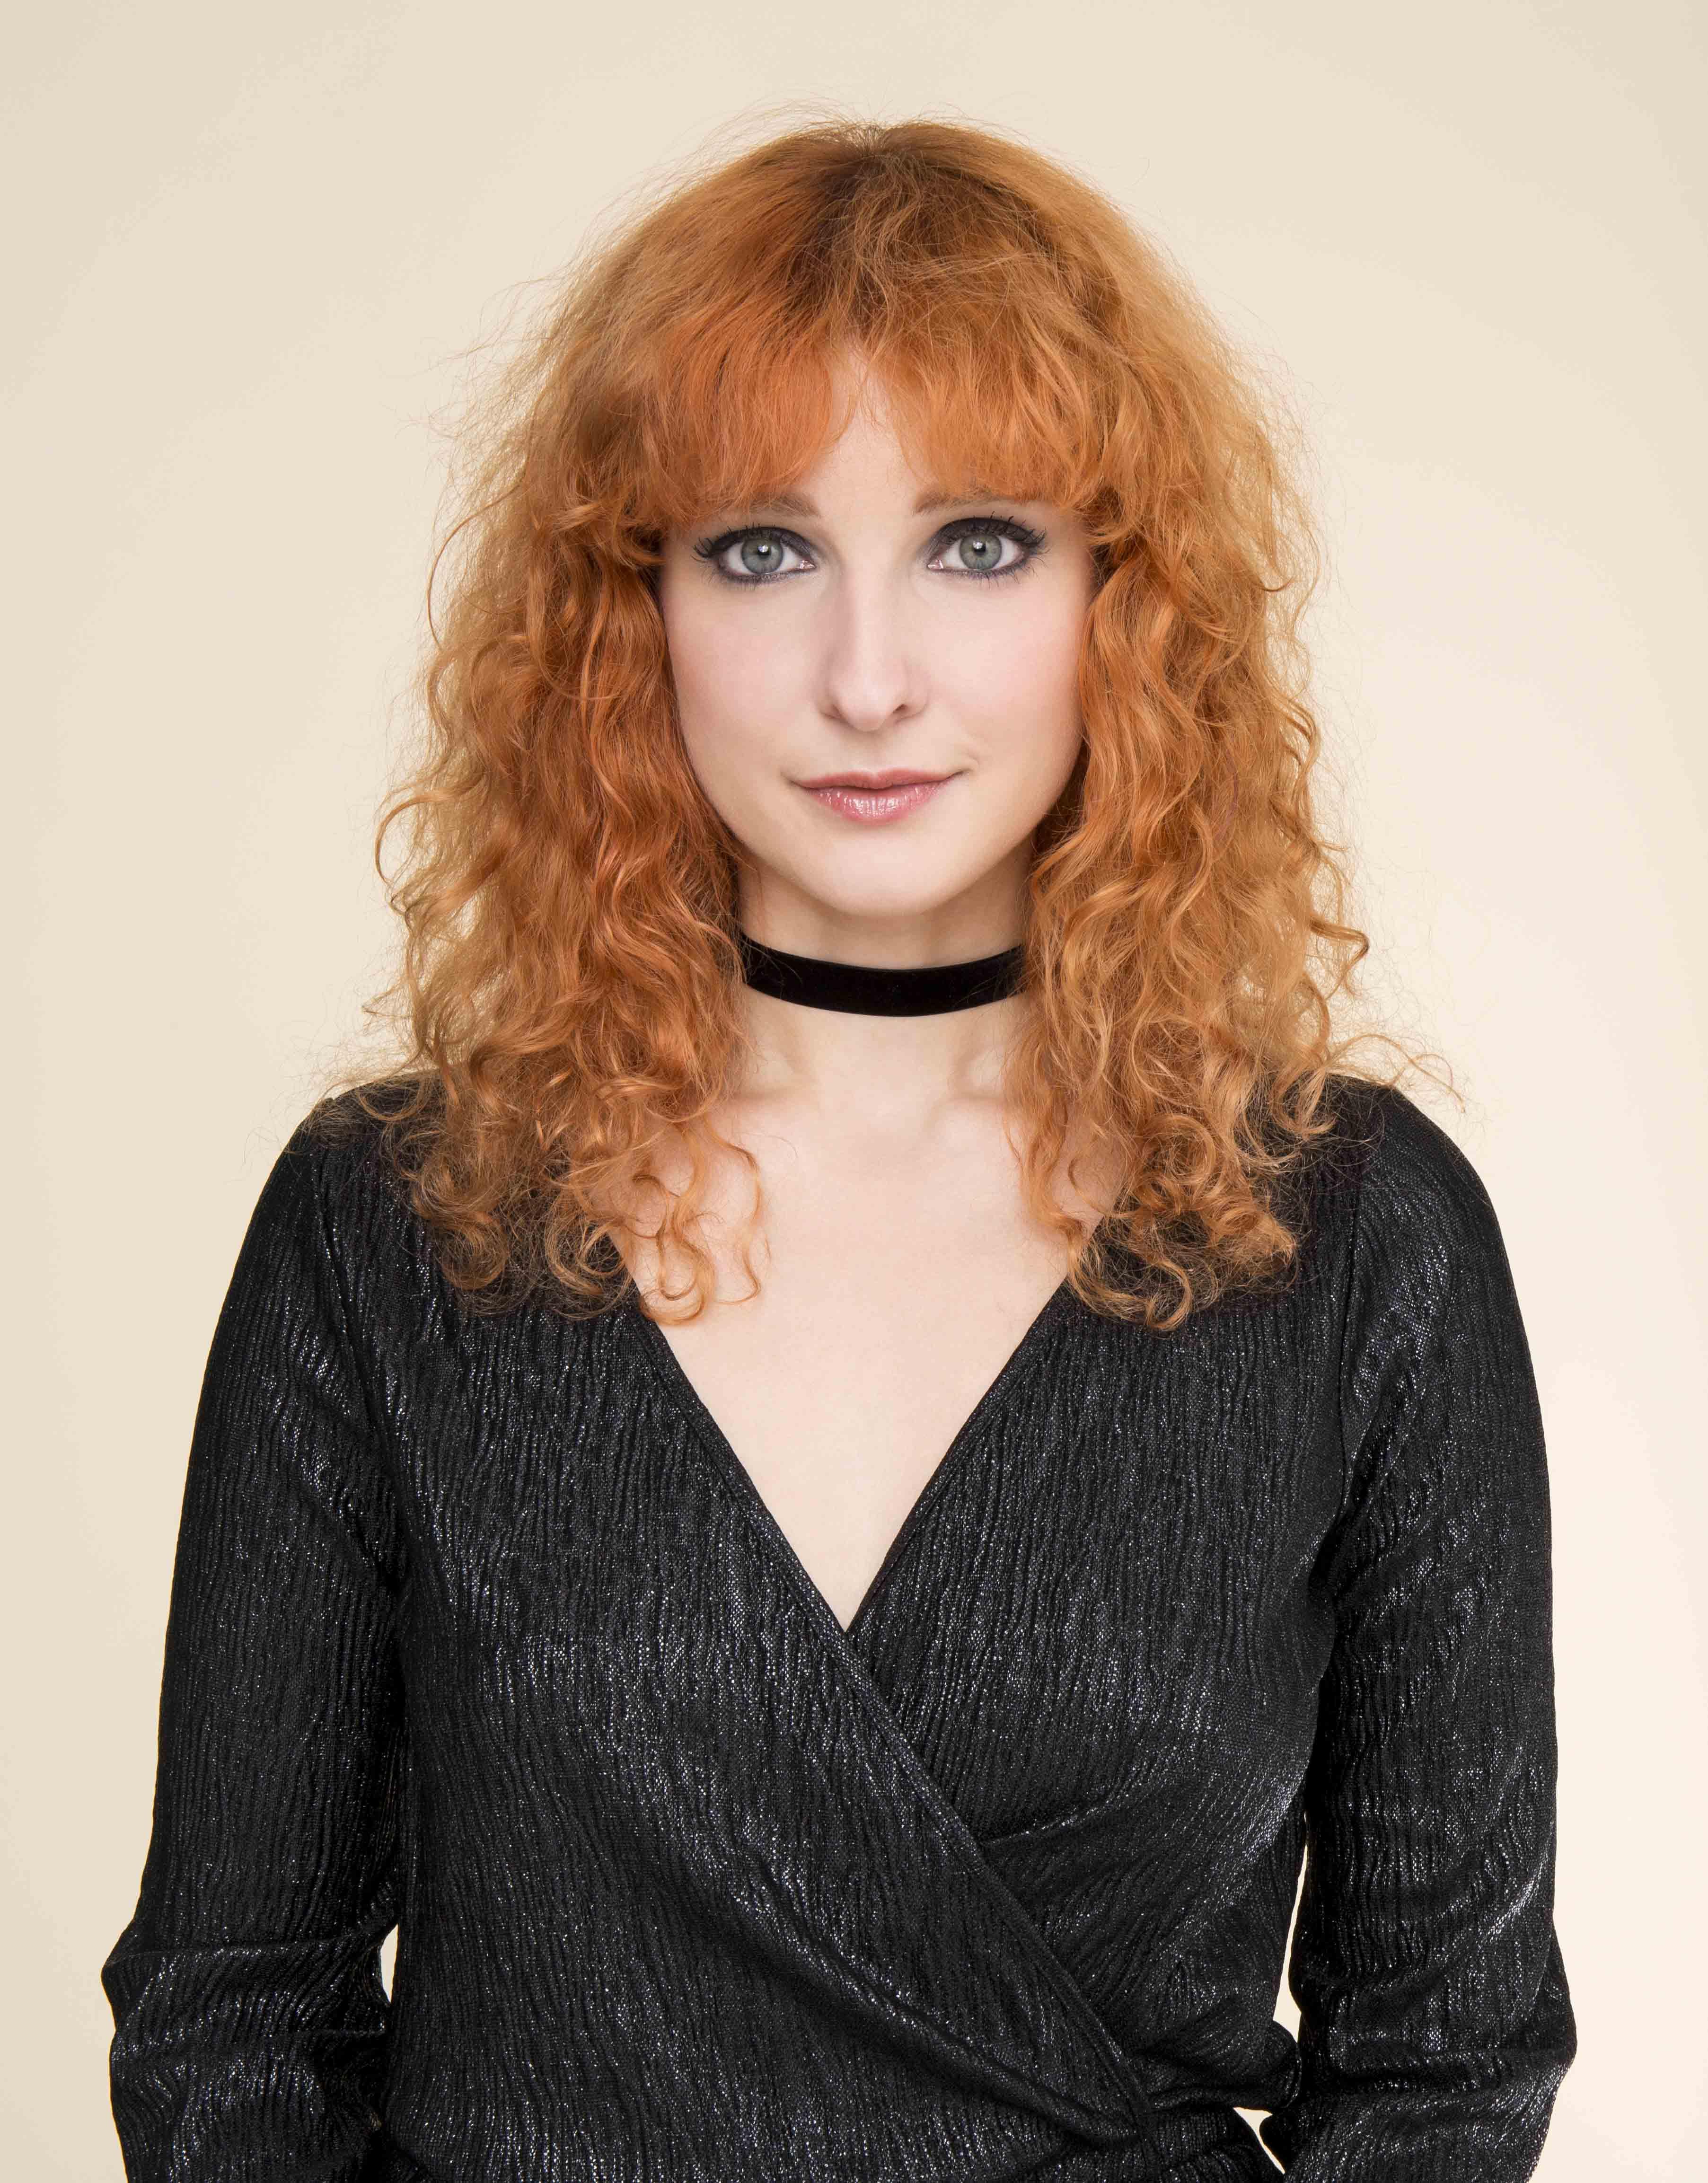 Medium Length Curtain Bangs Curly Wavy Hair Novocom Top